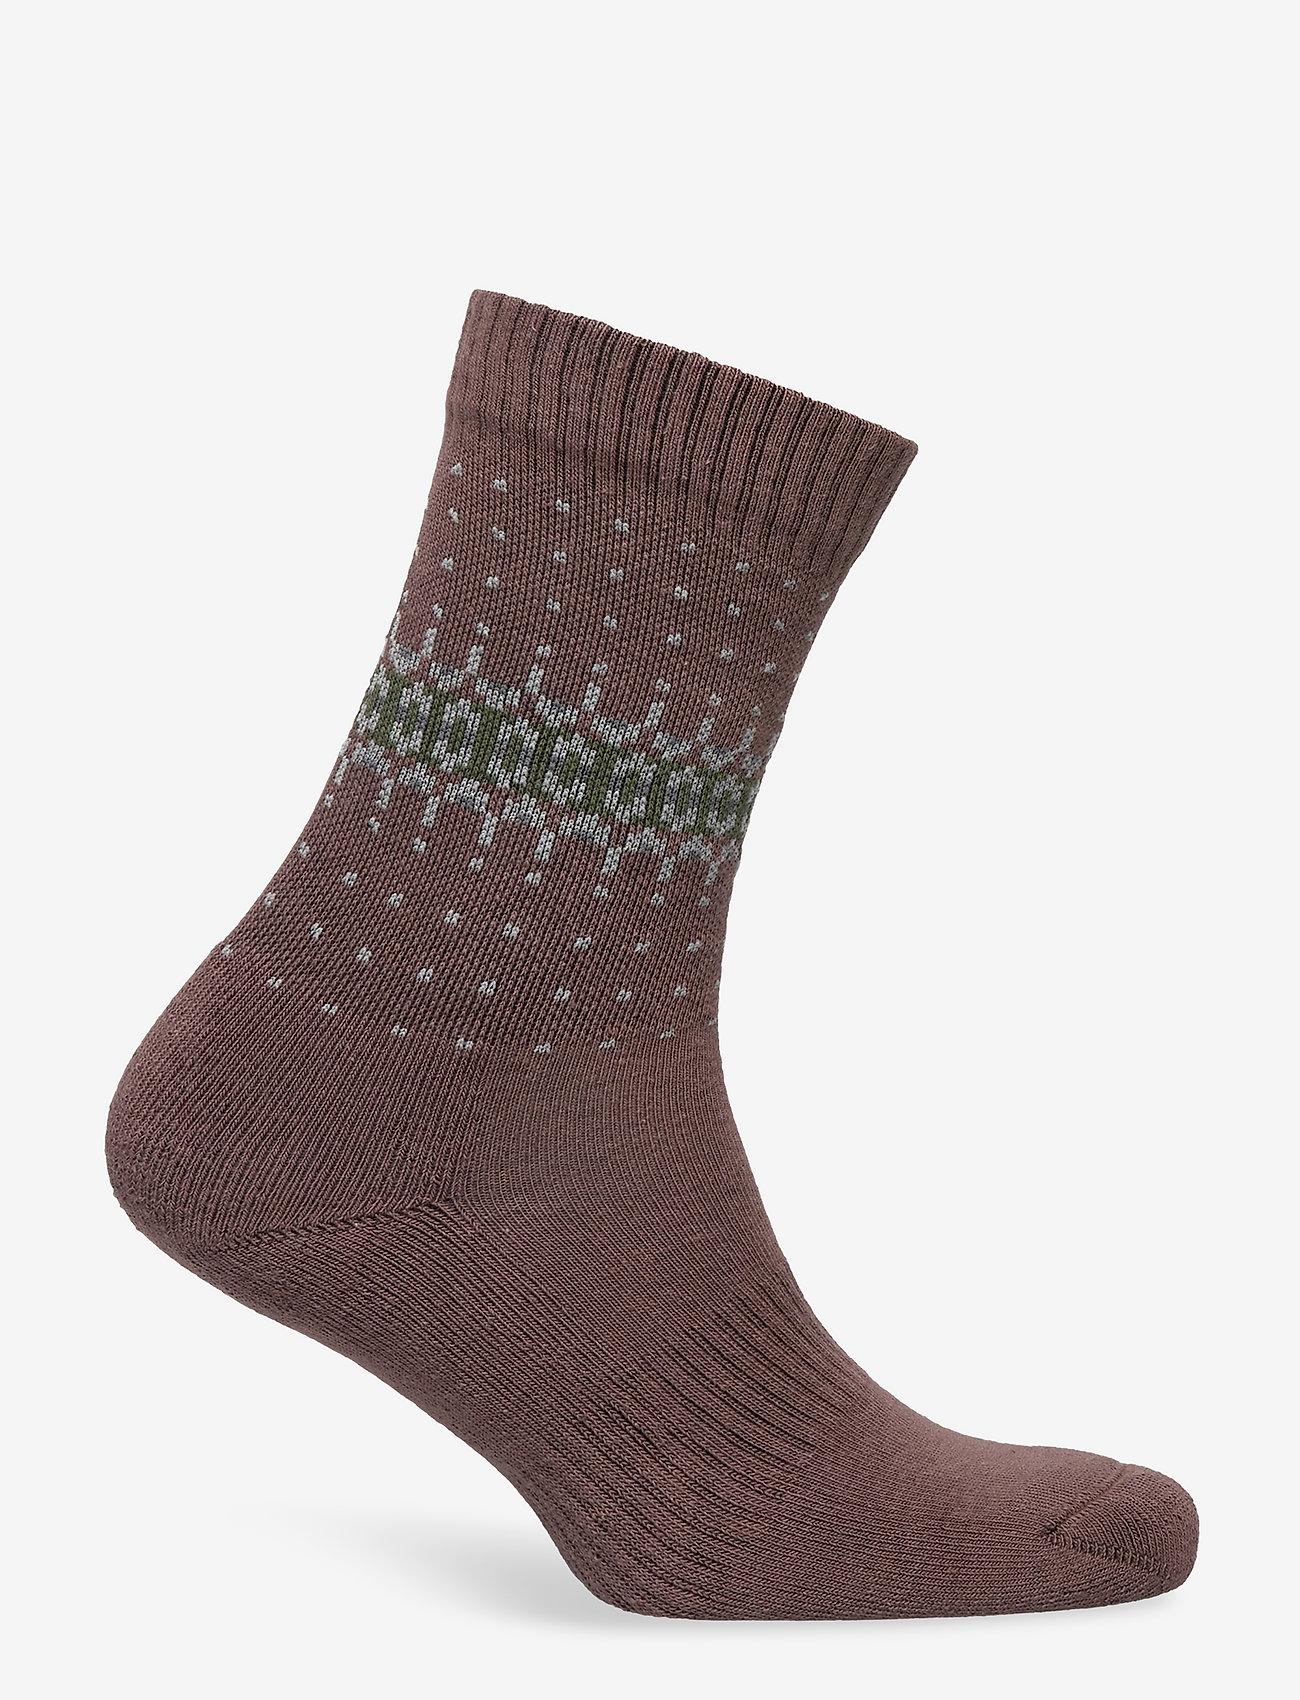 HAN Kjøbenhavn - Socks - enkelsokken - faded brown - 1